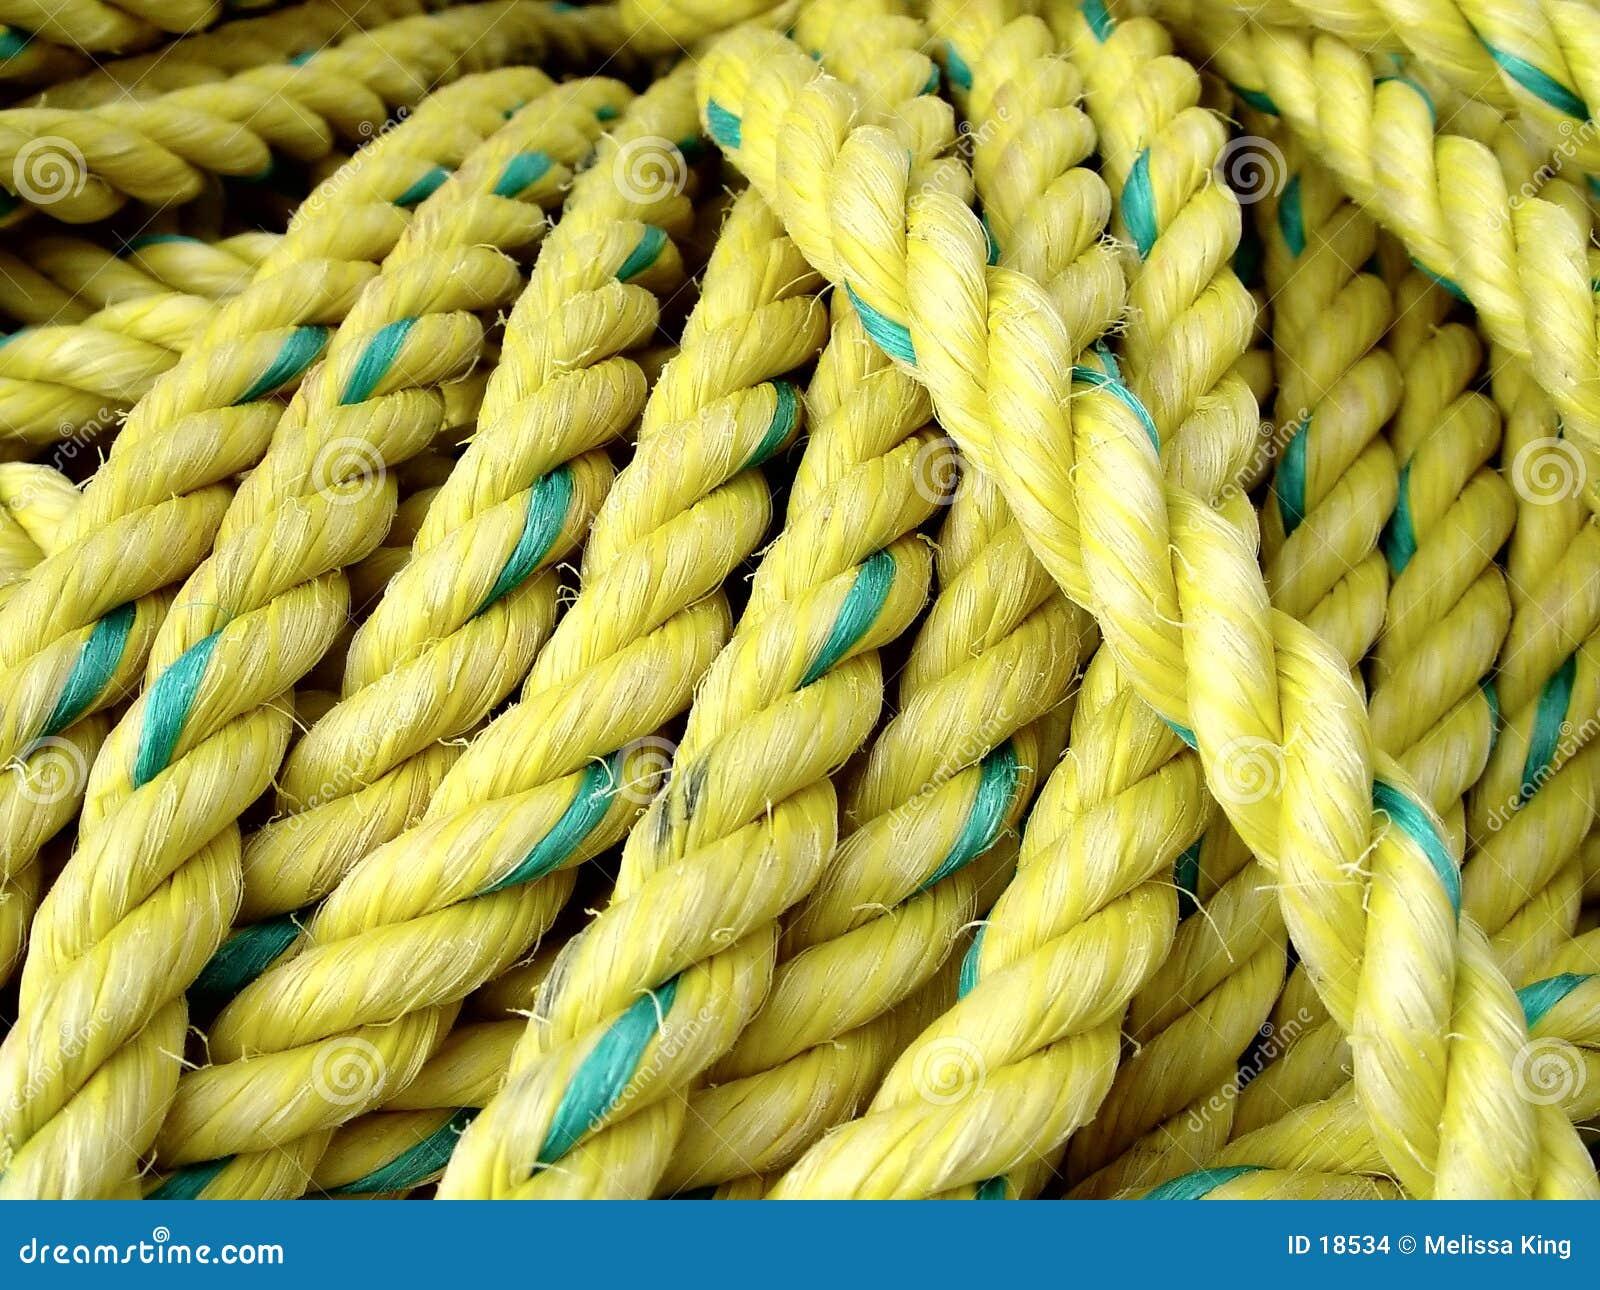 Yellow Fishing Rope